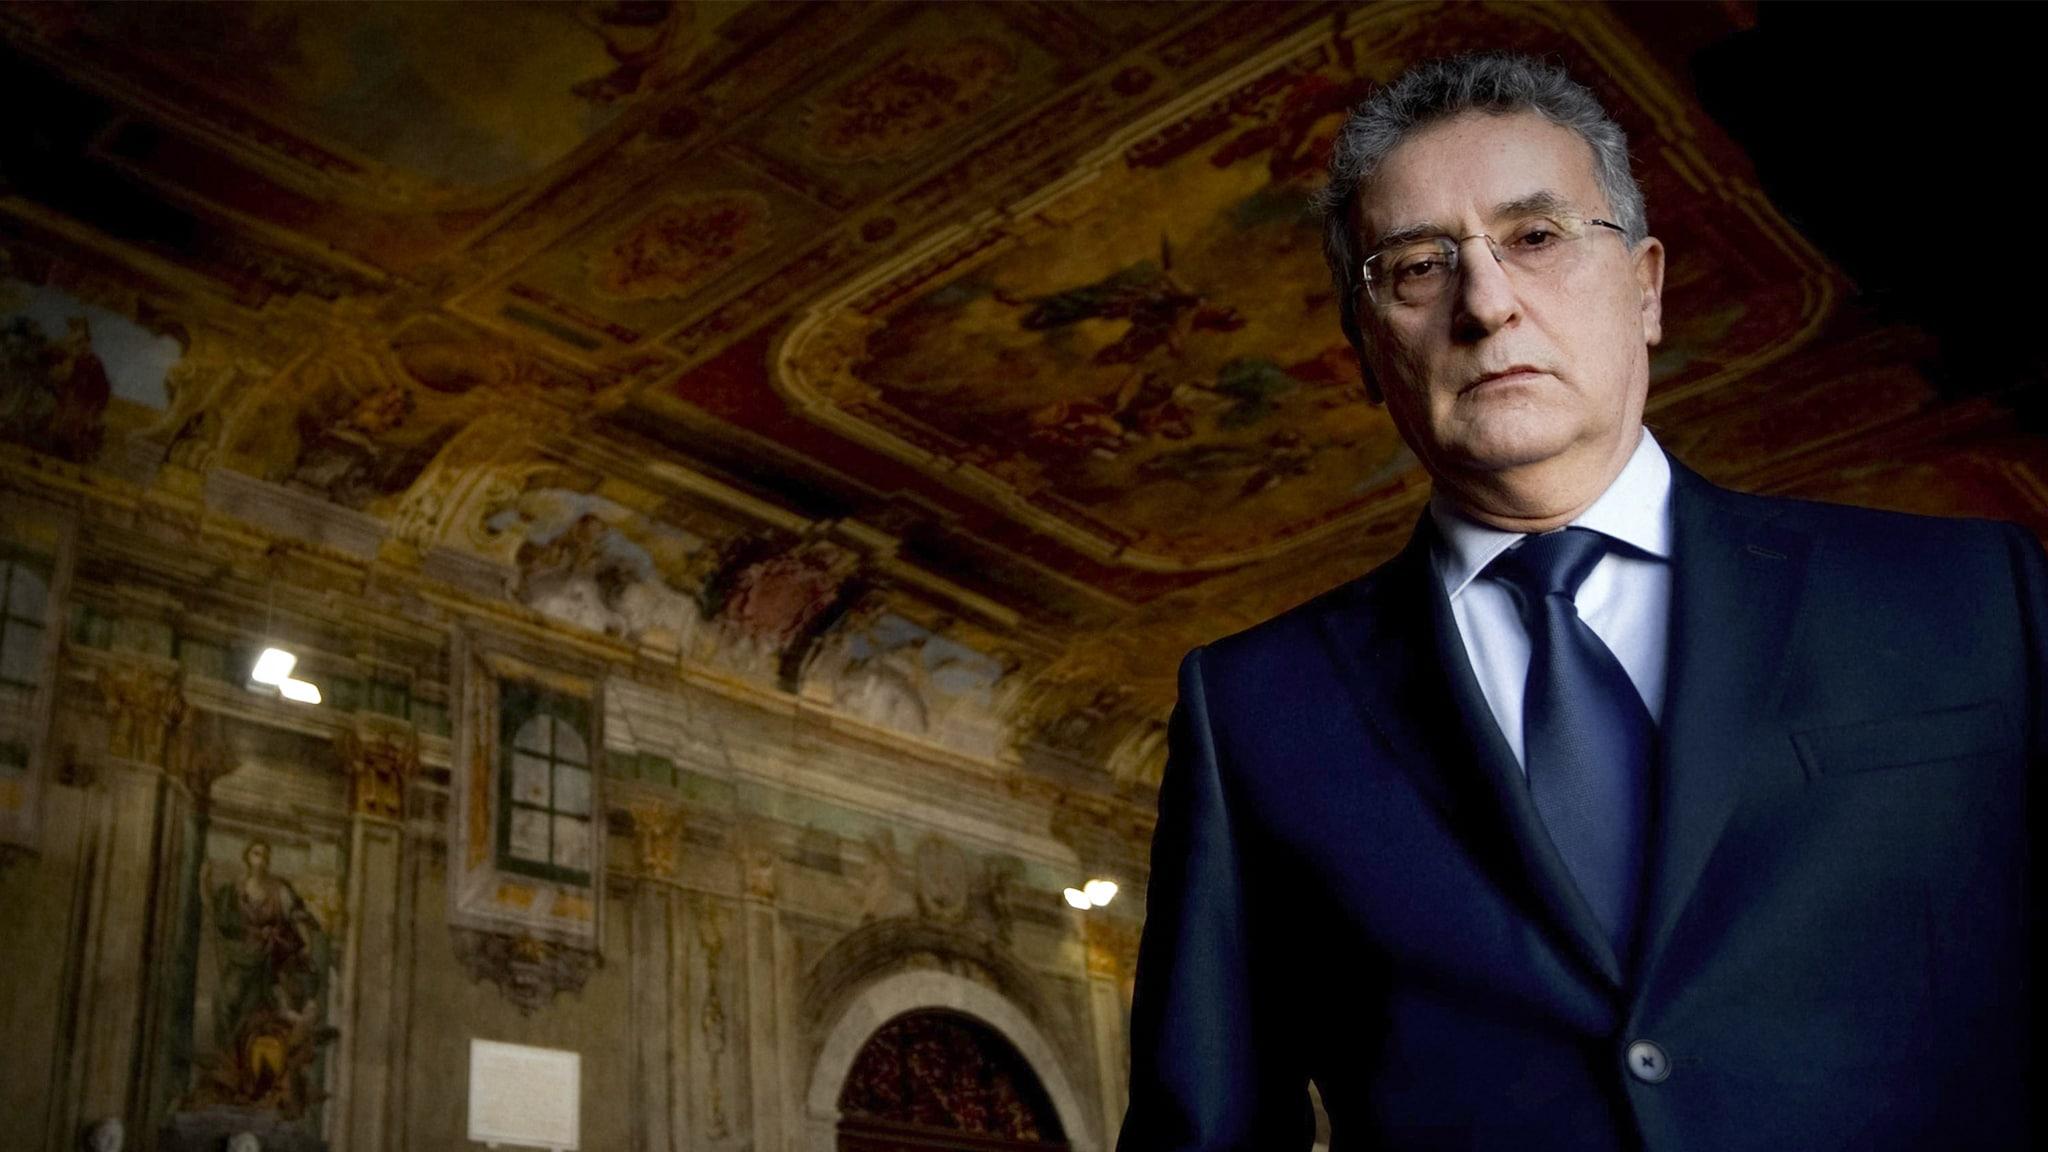 Rai Storia Diario Civile con Franco Roberti - Giuseppe Fava e Peppino Impastato